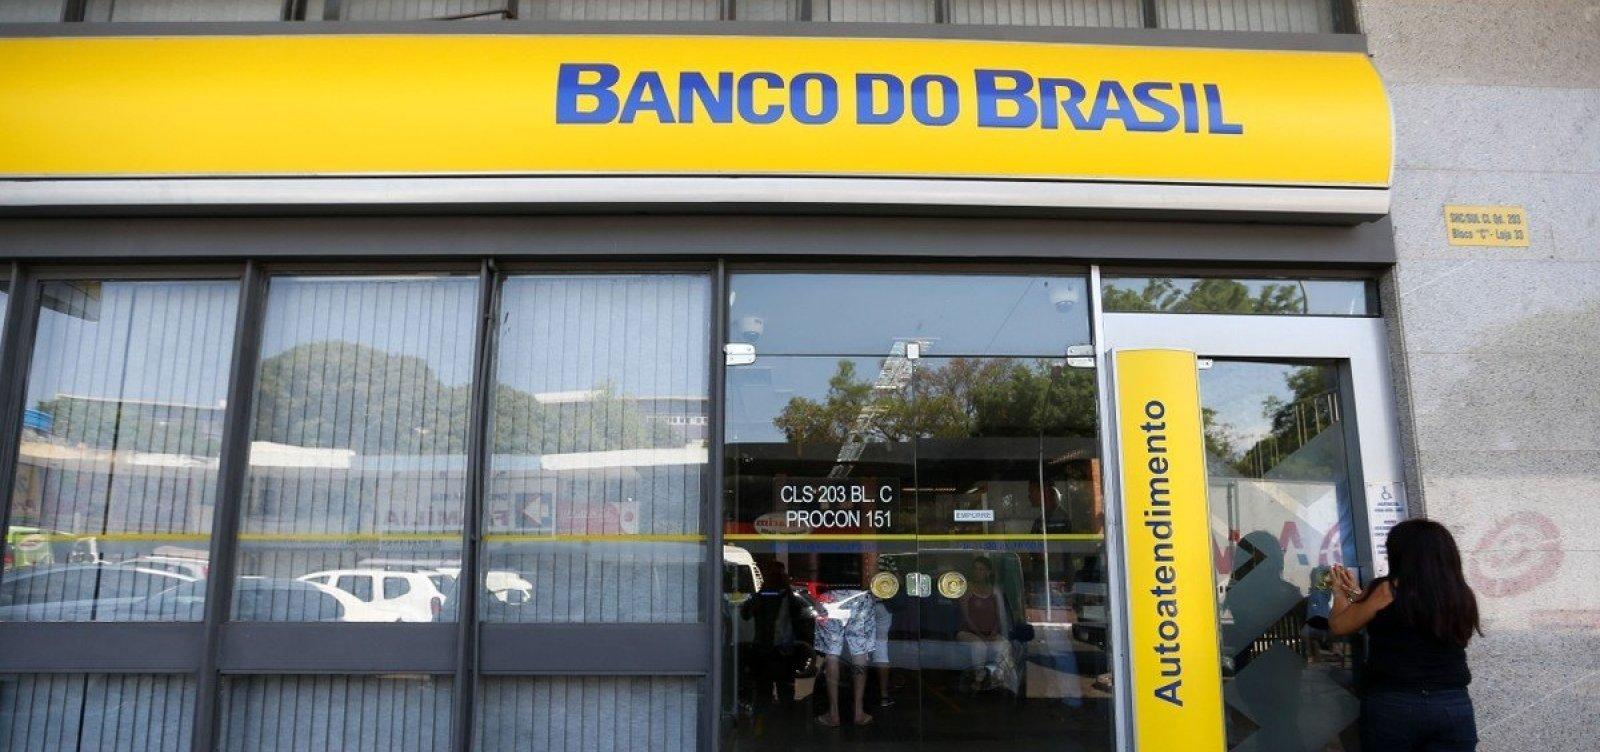 Programa de desligamento voluntário do Banco do Brasil teve 5.533 pedidos validados